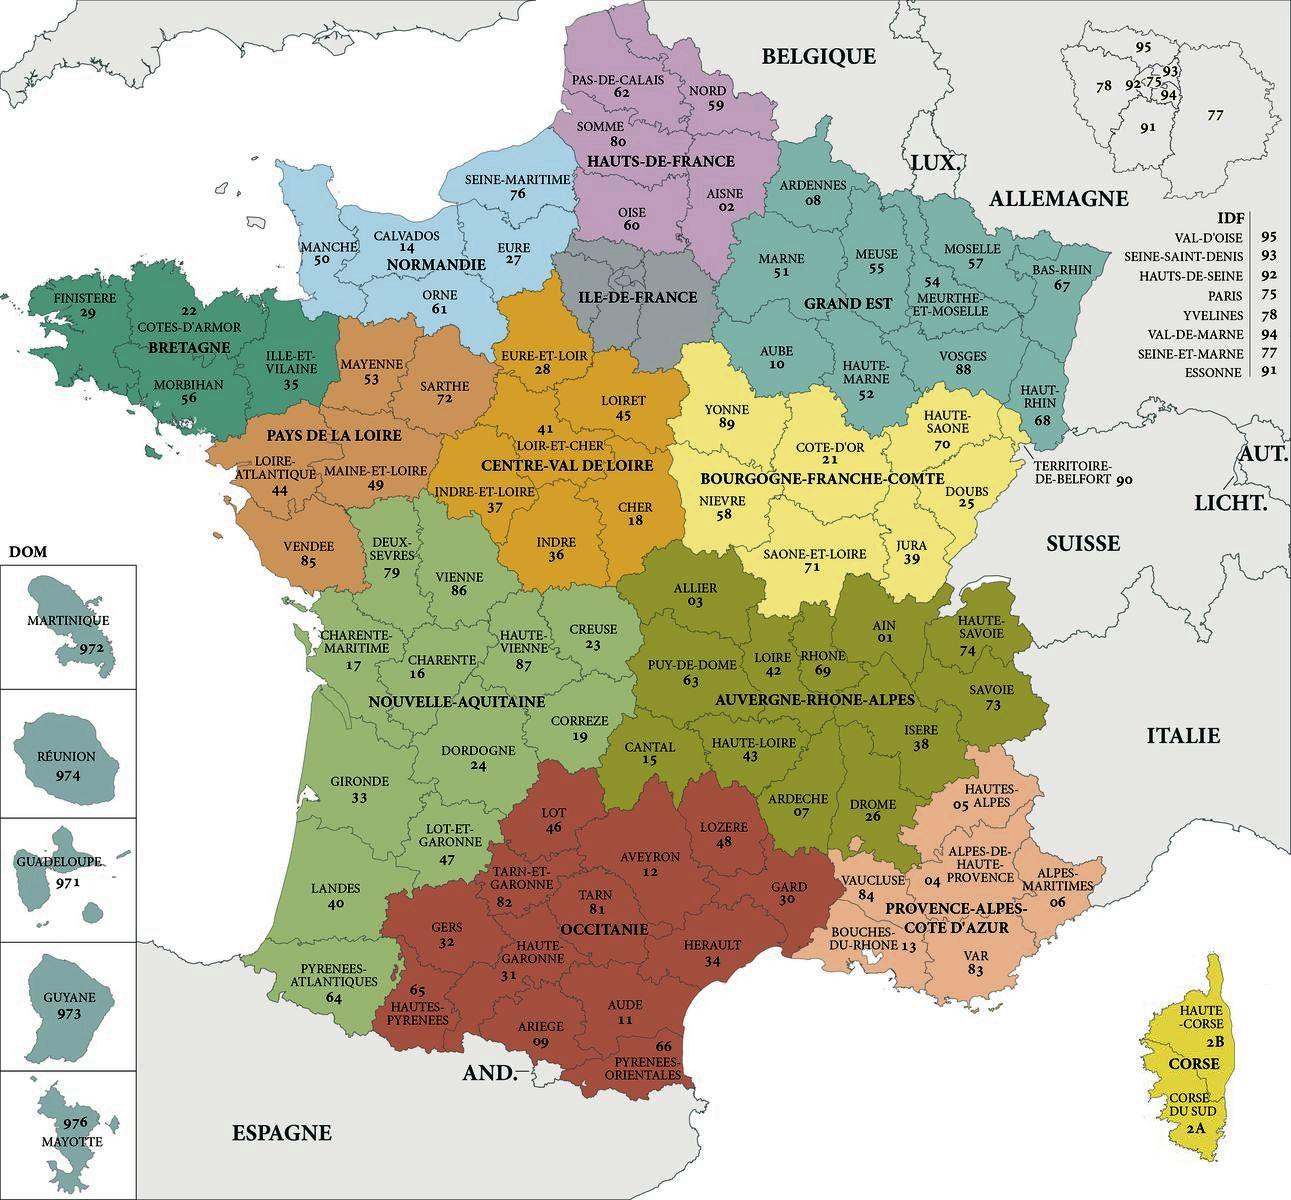 Carte De France Departements : Carte Des Départements De France destiné Grande Carte De France À Imprimer